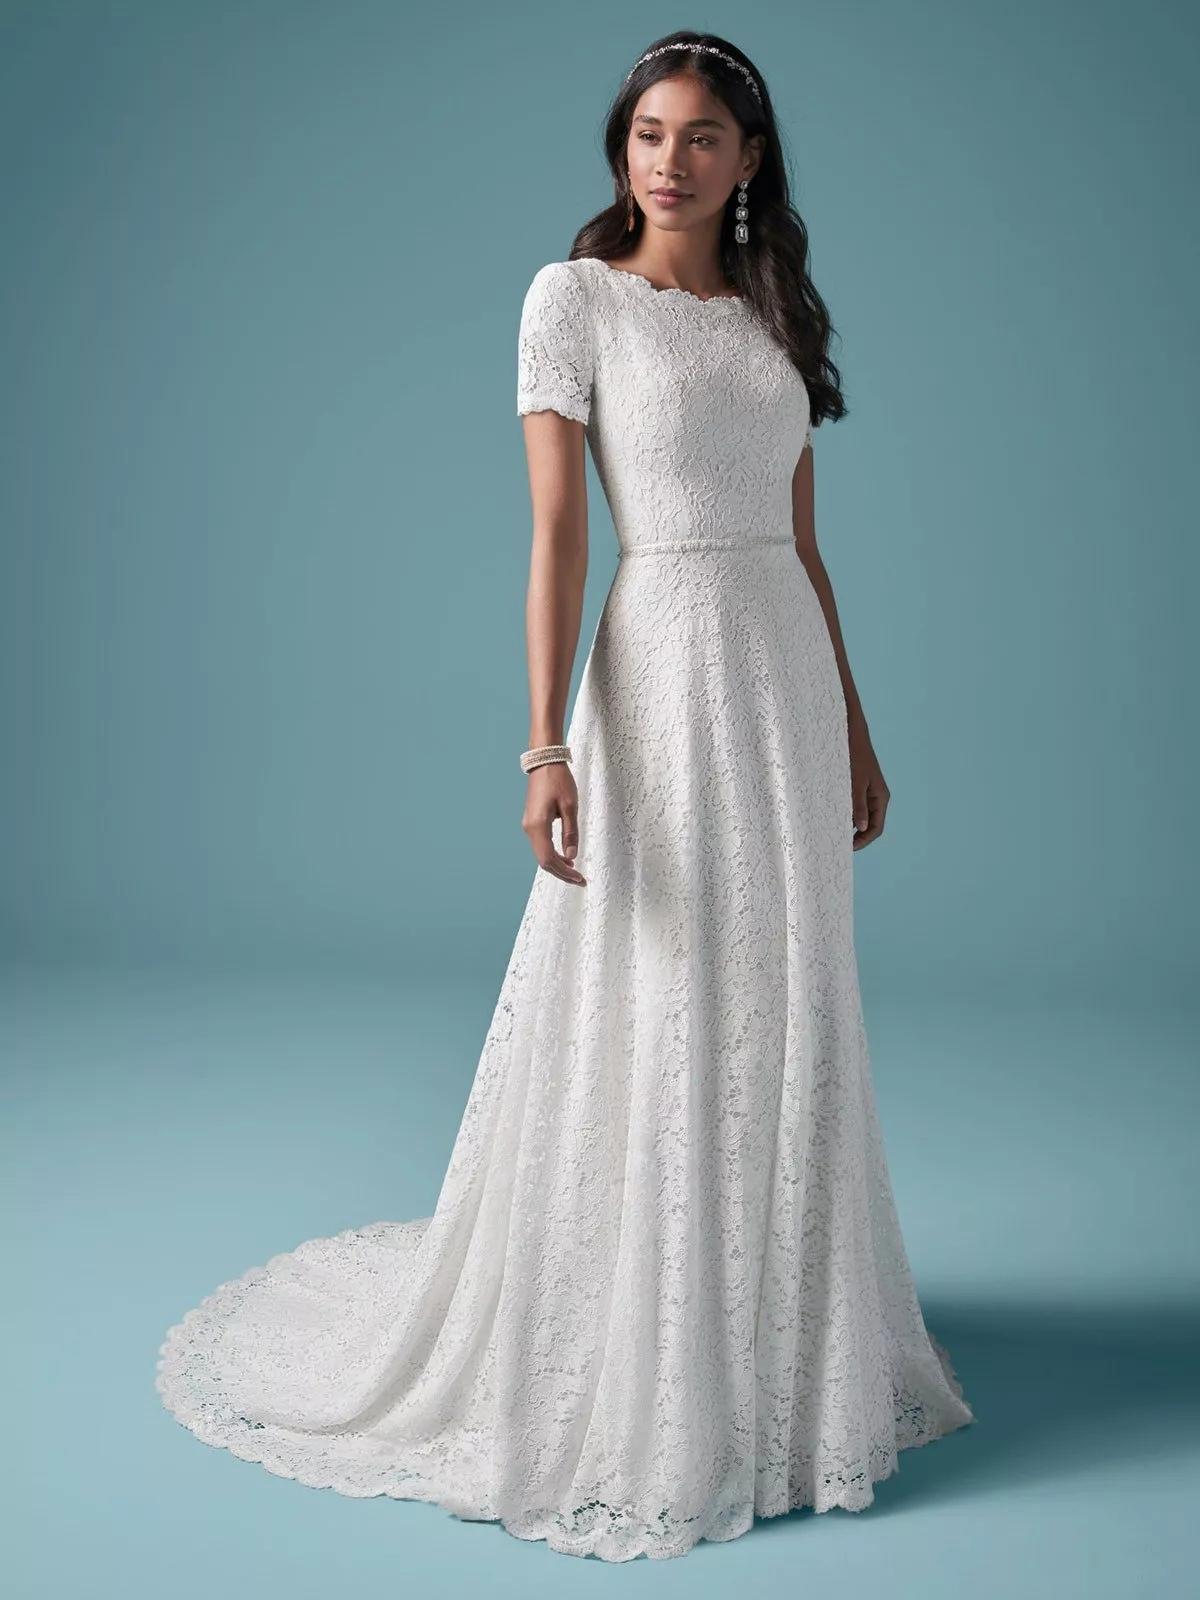 CteqryYqG48 - 21 романтическое платье для невесты в 2021 свадебном сезоне